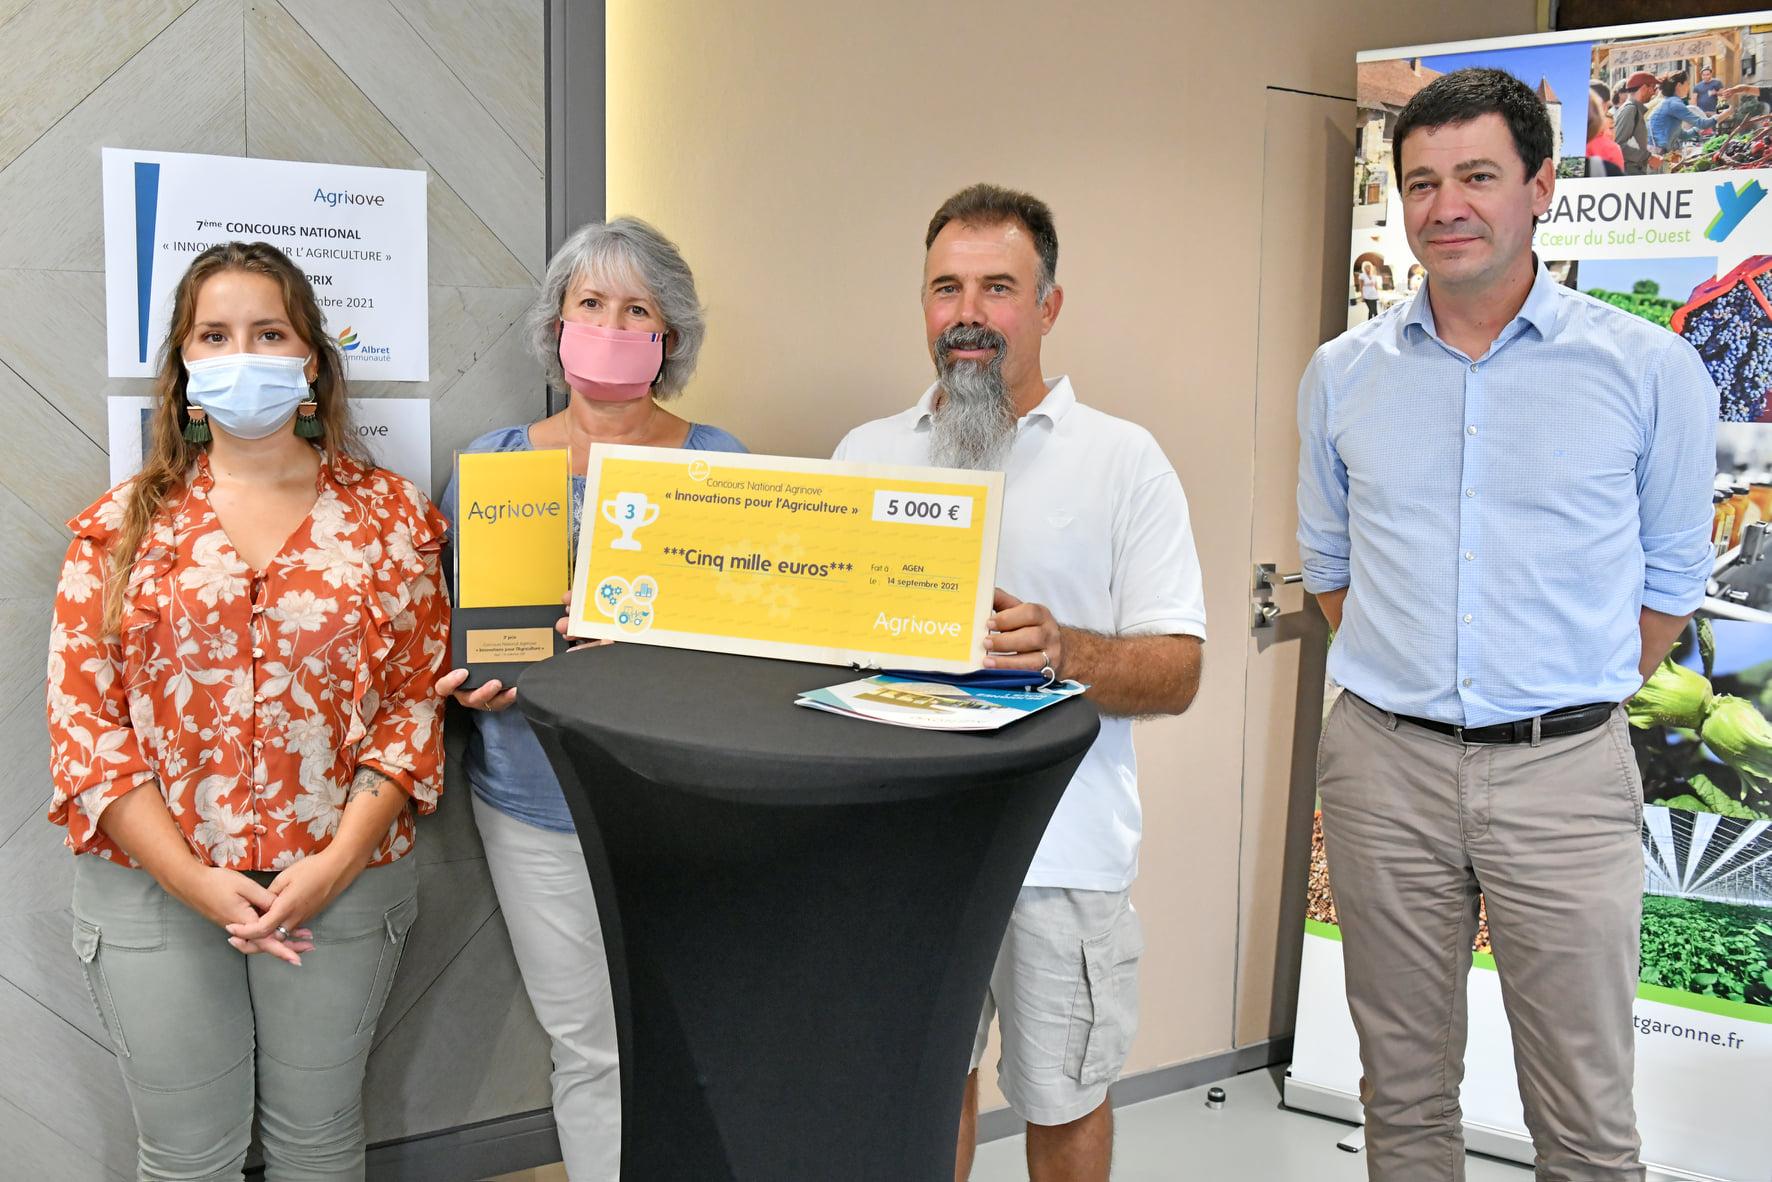 remise du 3ème prix à la famille Gatti par Nicolas Lacombe, président d'Agrinove